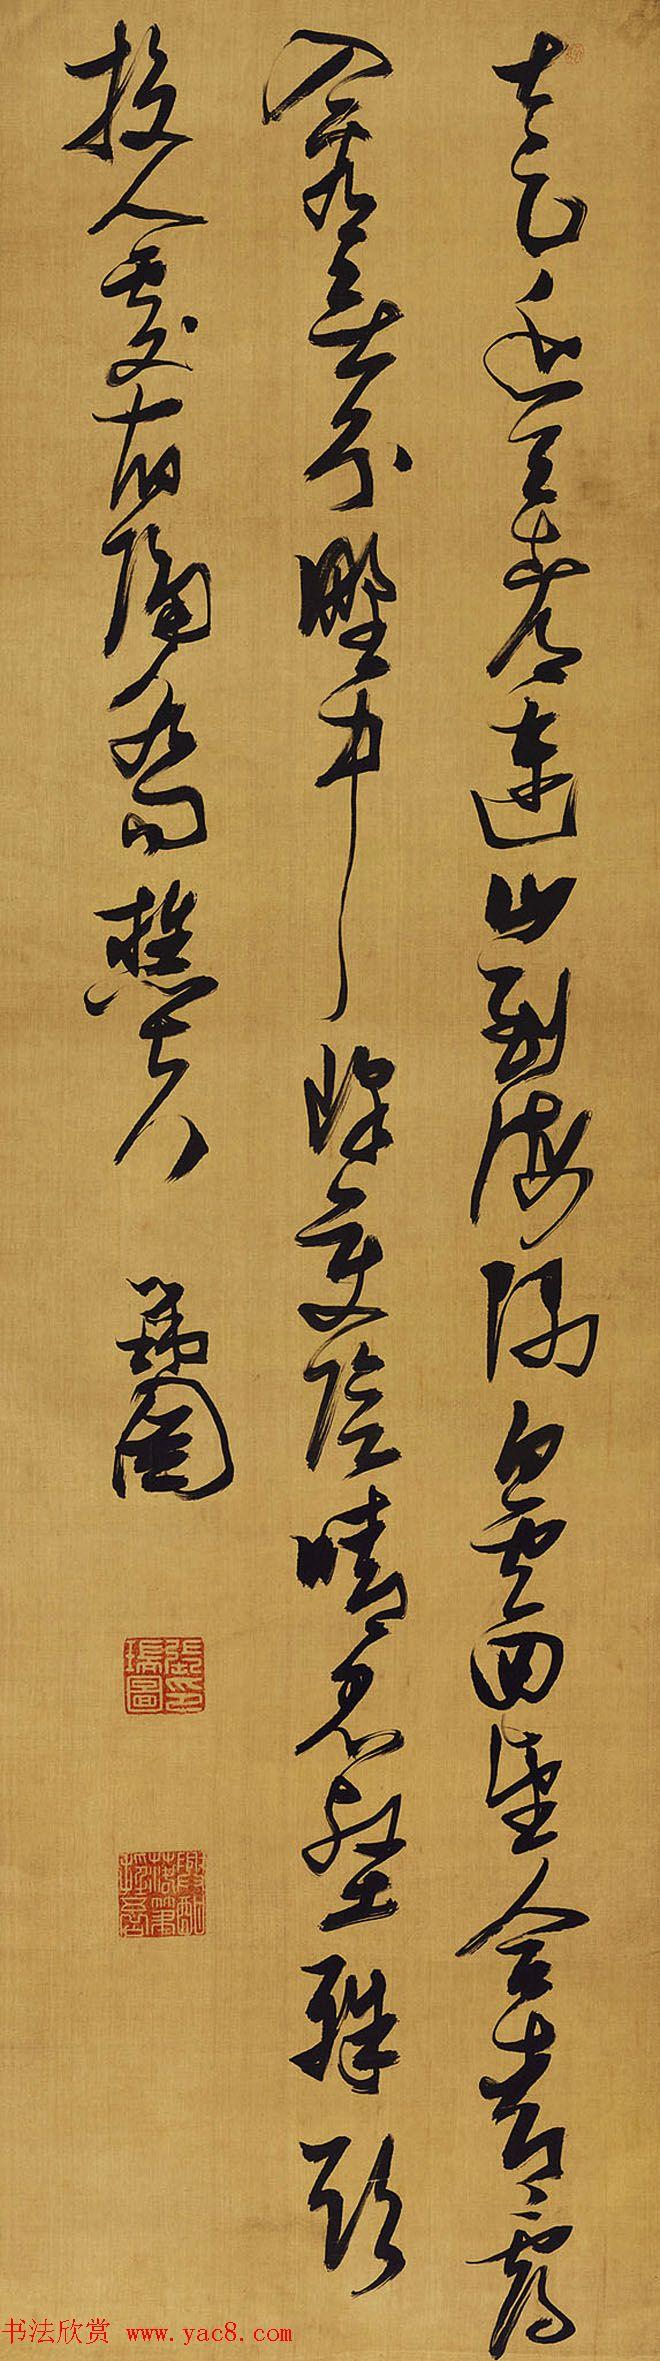 张瑞图草书书法立轴《王维终南山诗》